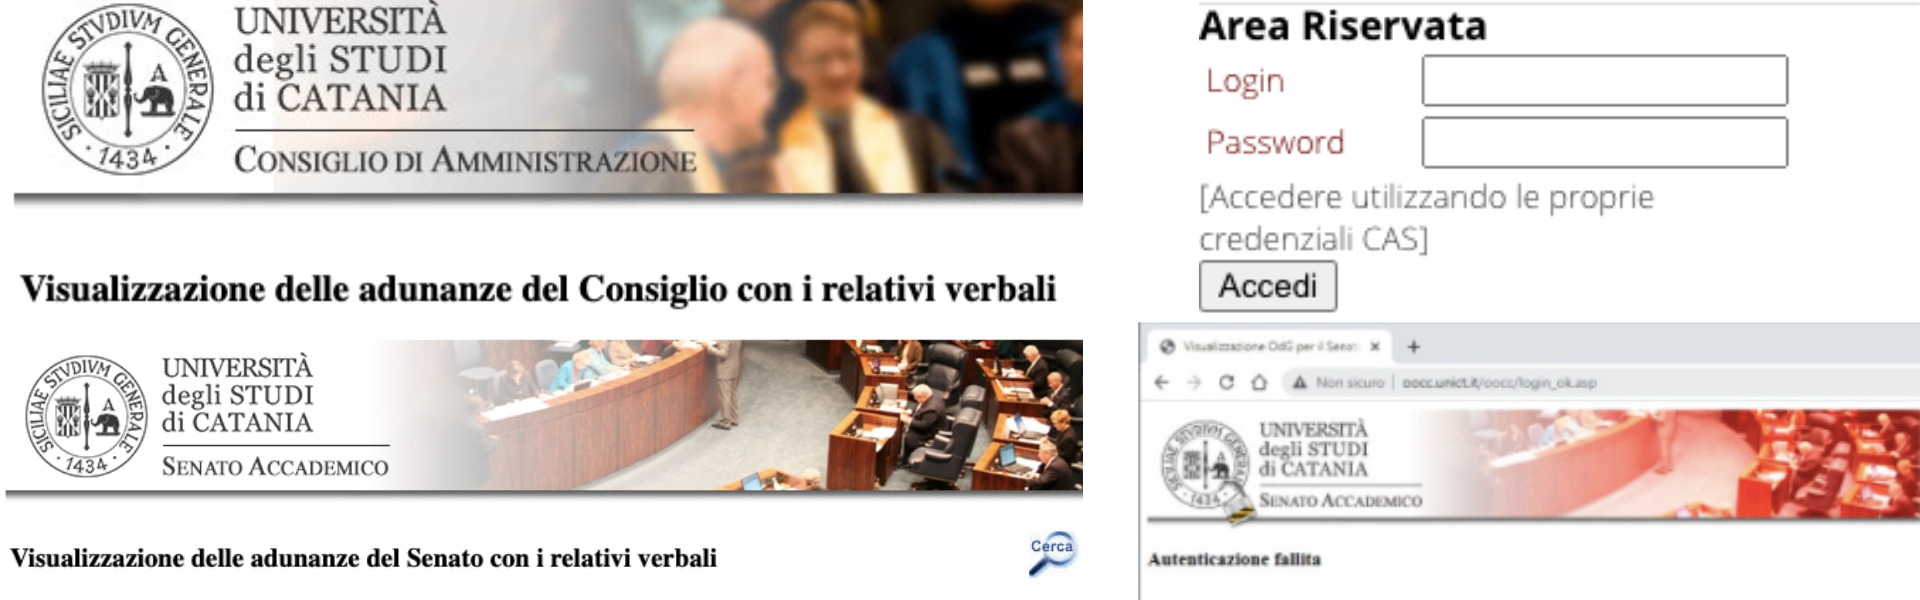 """UNICT: condannata la commissione del """"Caso Scirè""""...e non solo"""